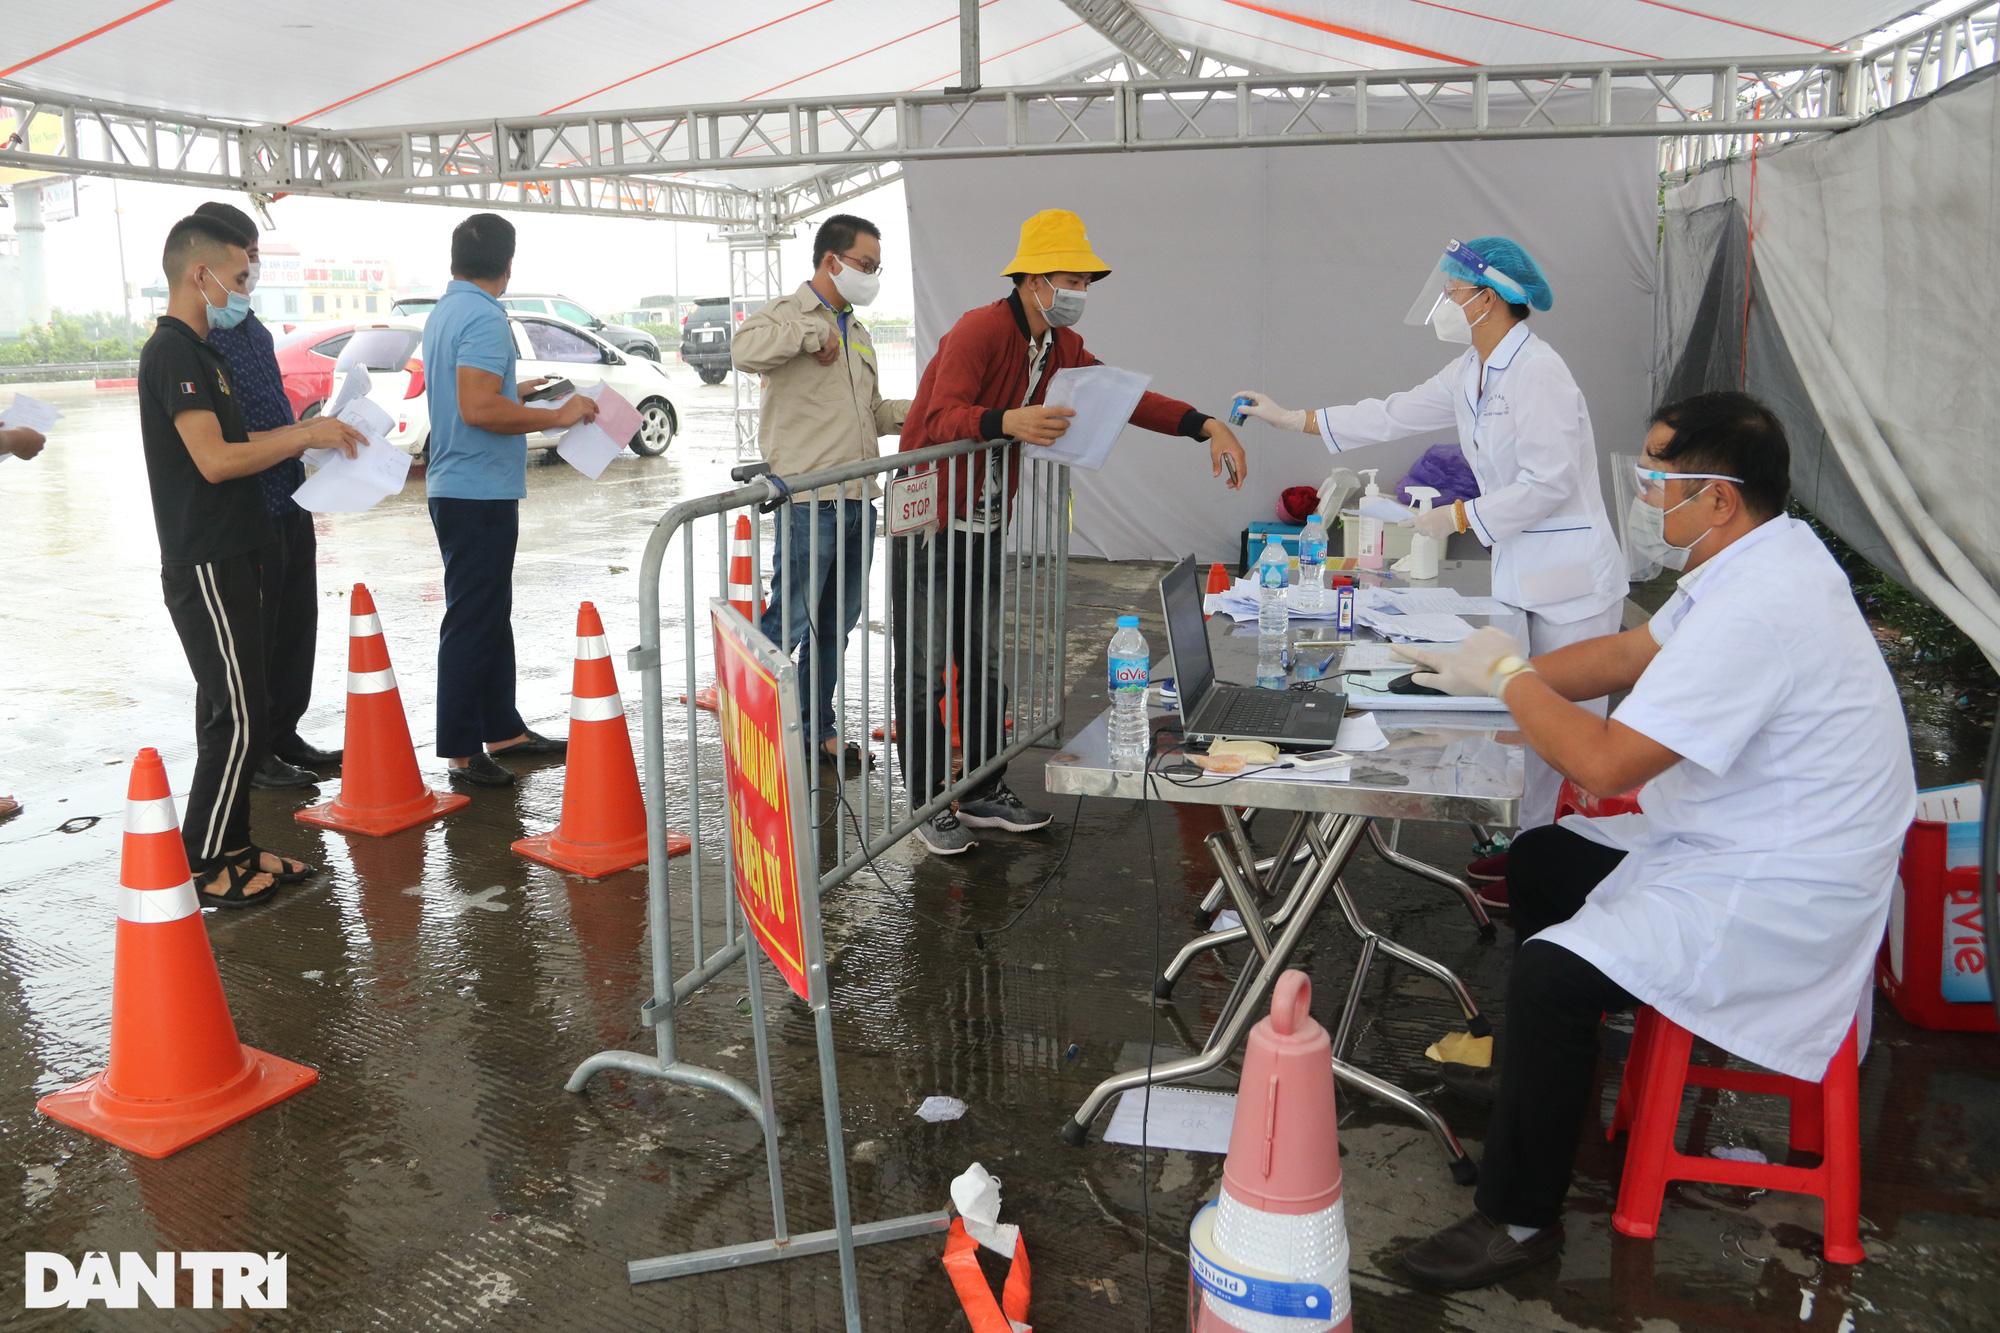 Hà Nội: Đội mưa làm thủ tục qua chốt cửa ngõ, nhiều người phải quay đầu - Ảnh 1.